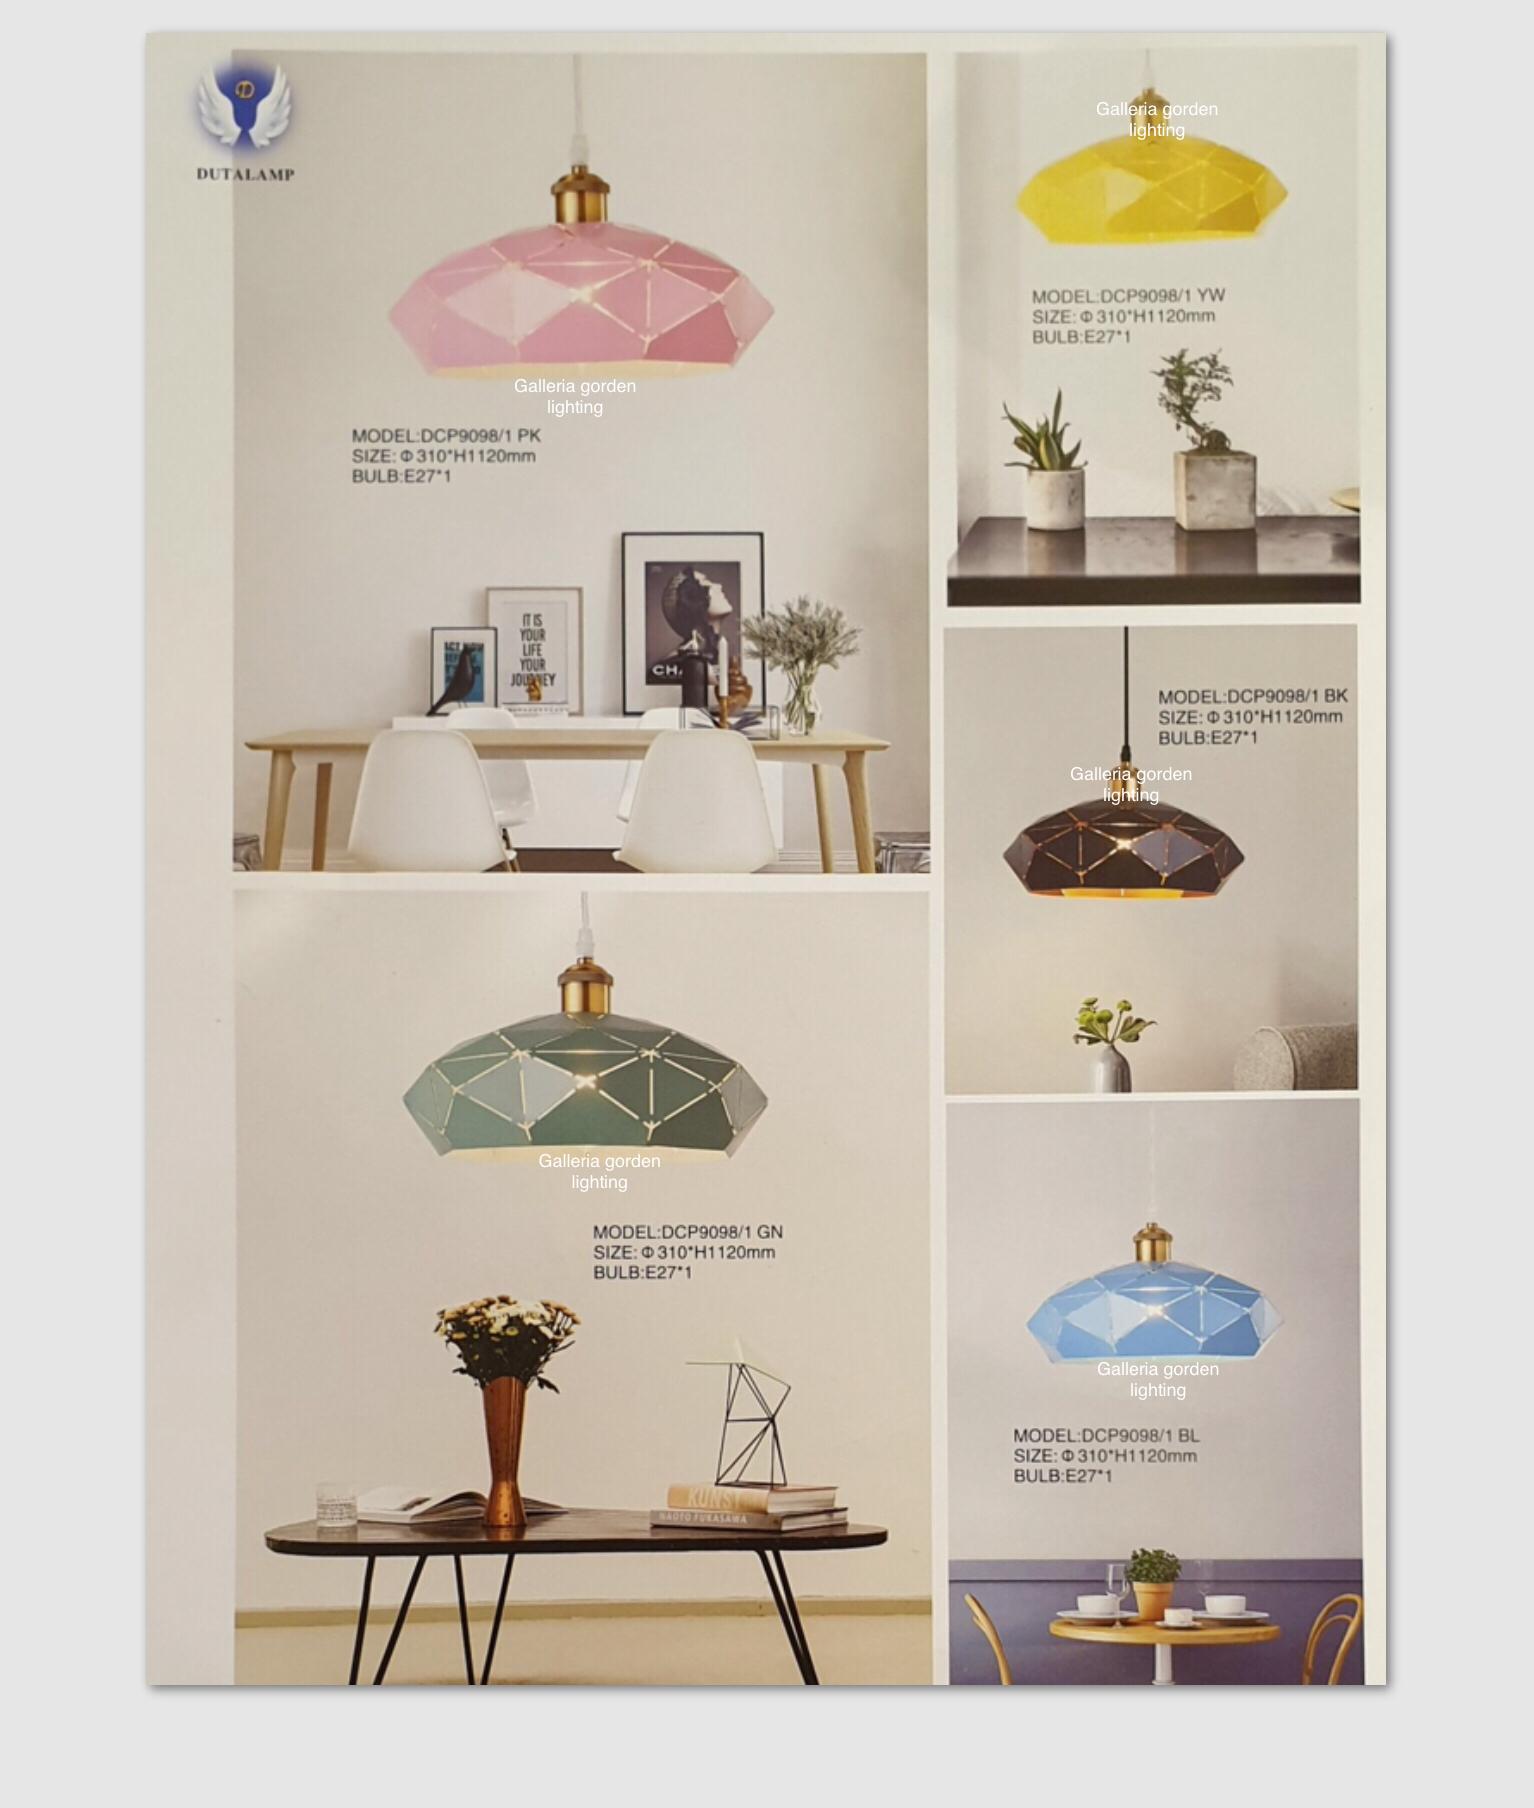 Jual Lampu Hias Gantung Minimalis Dekorasi Meja Makan 9098 1